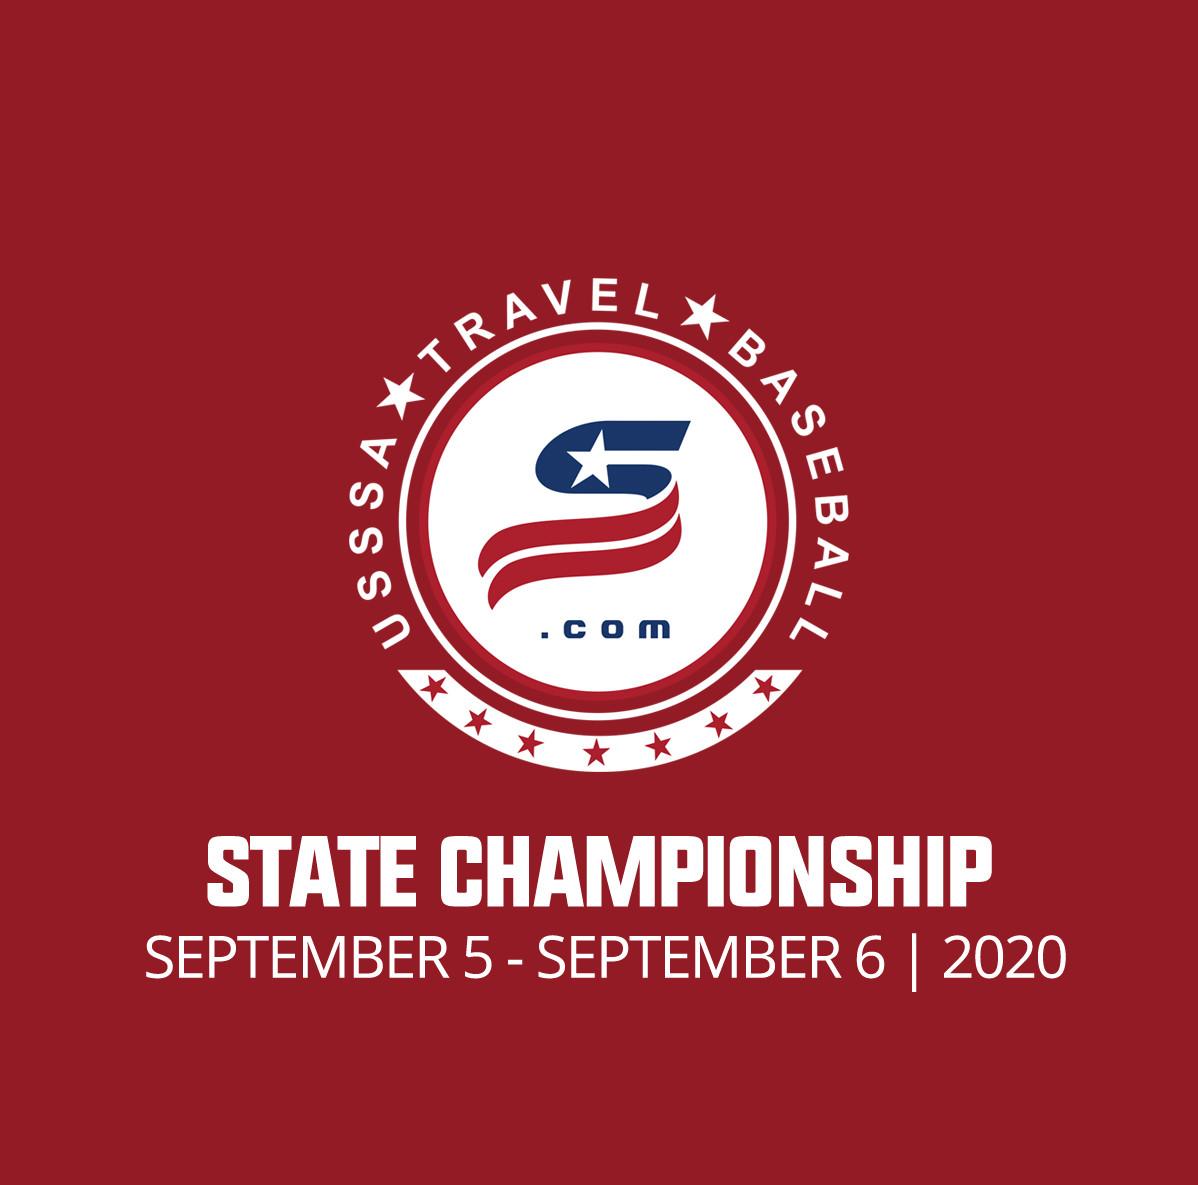 Upstate - State Championship (FALL)